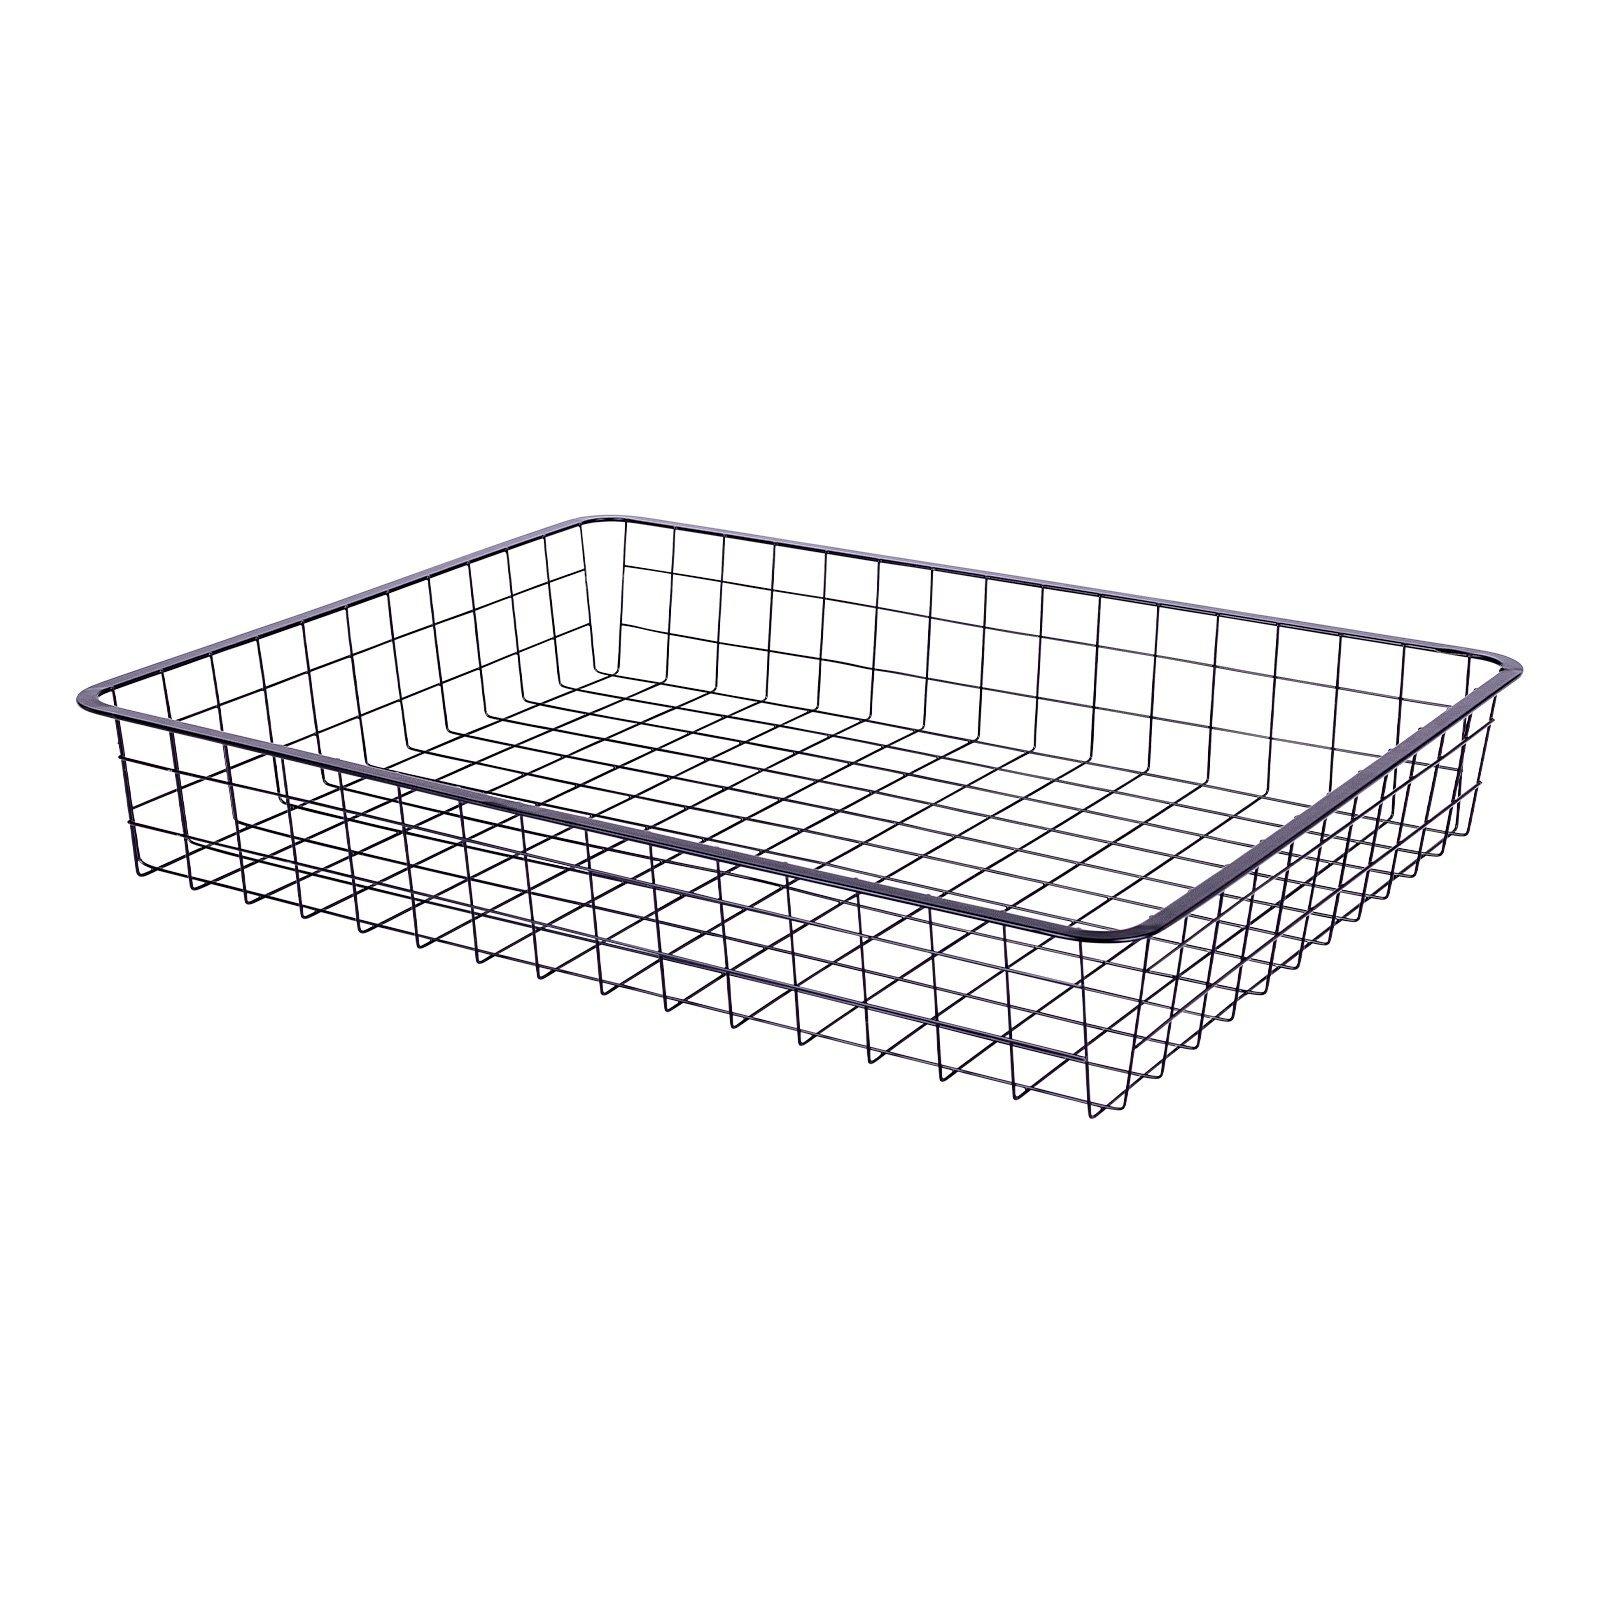 Flexi Storage Home Solution 85mm Black 1 Runner Wire Basket